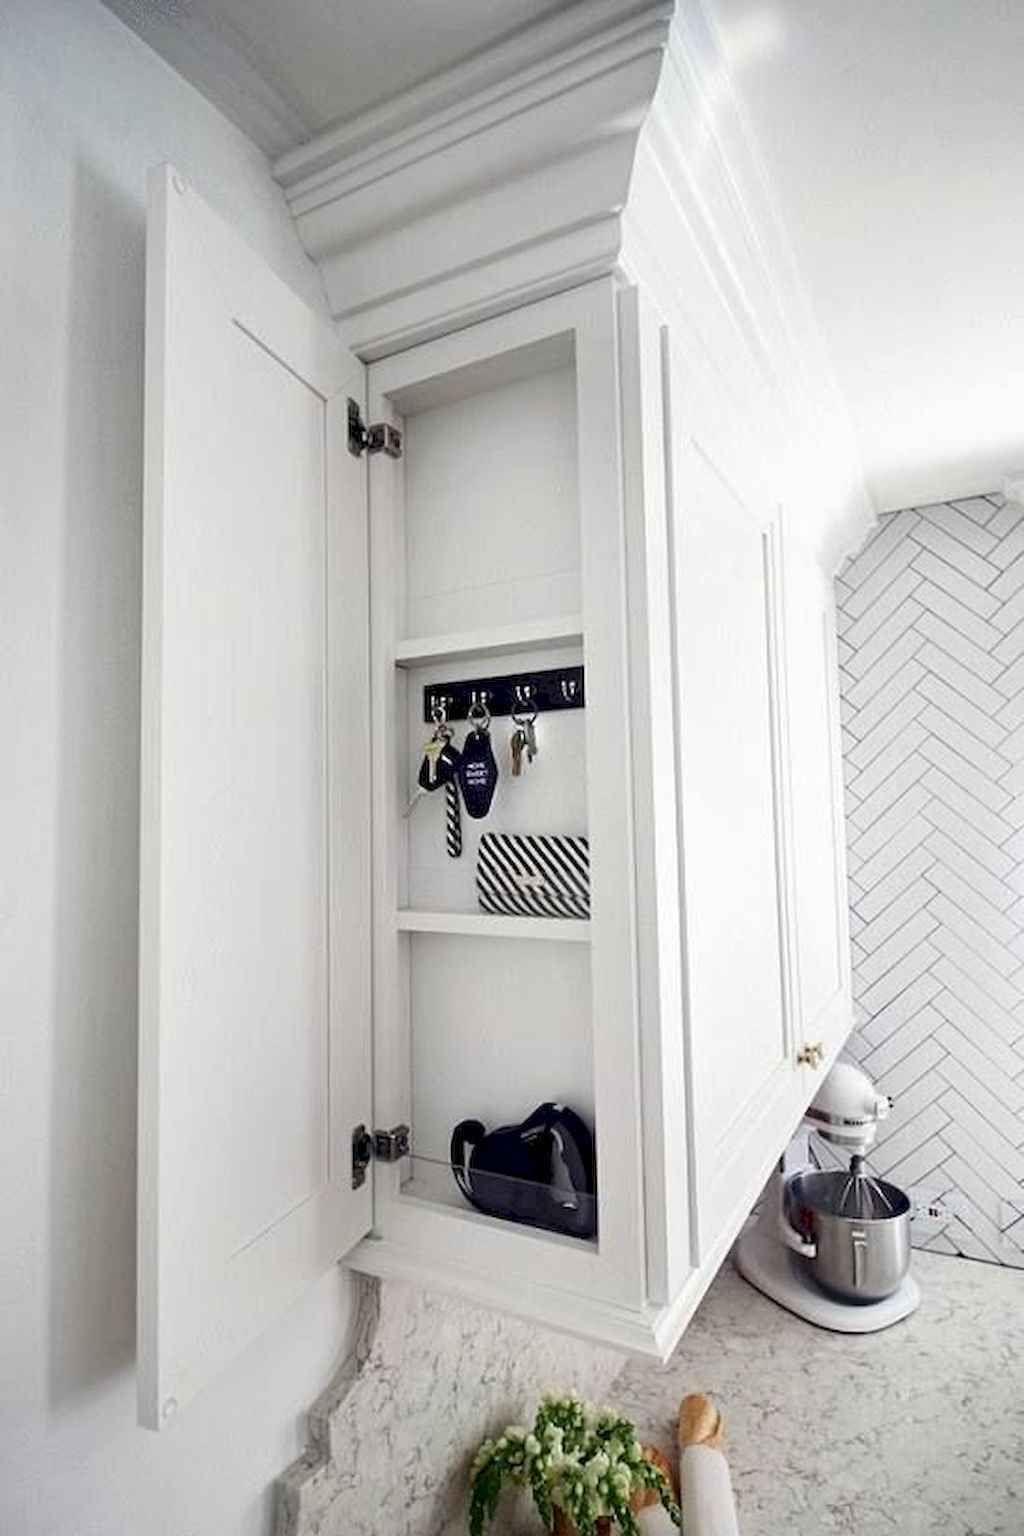 Best Design Ideas For Kitchen Organization Cabinets 10